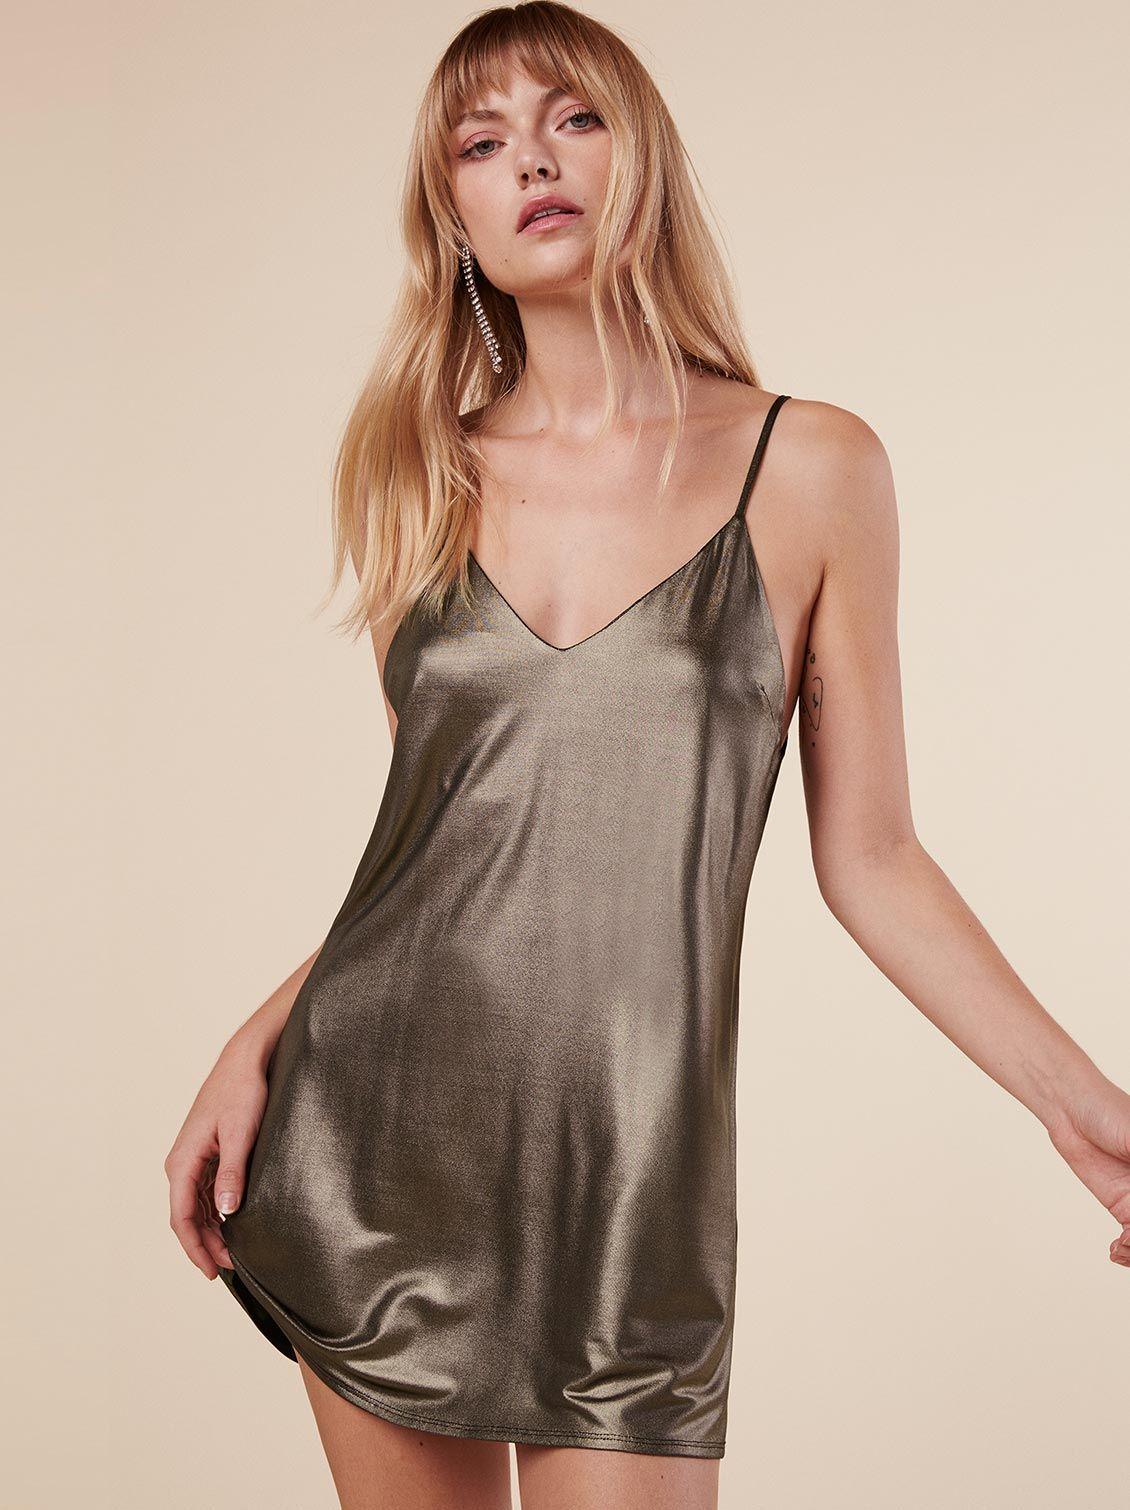 Venus dress atlantis 1 clp